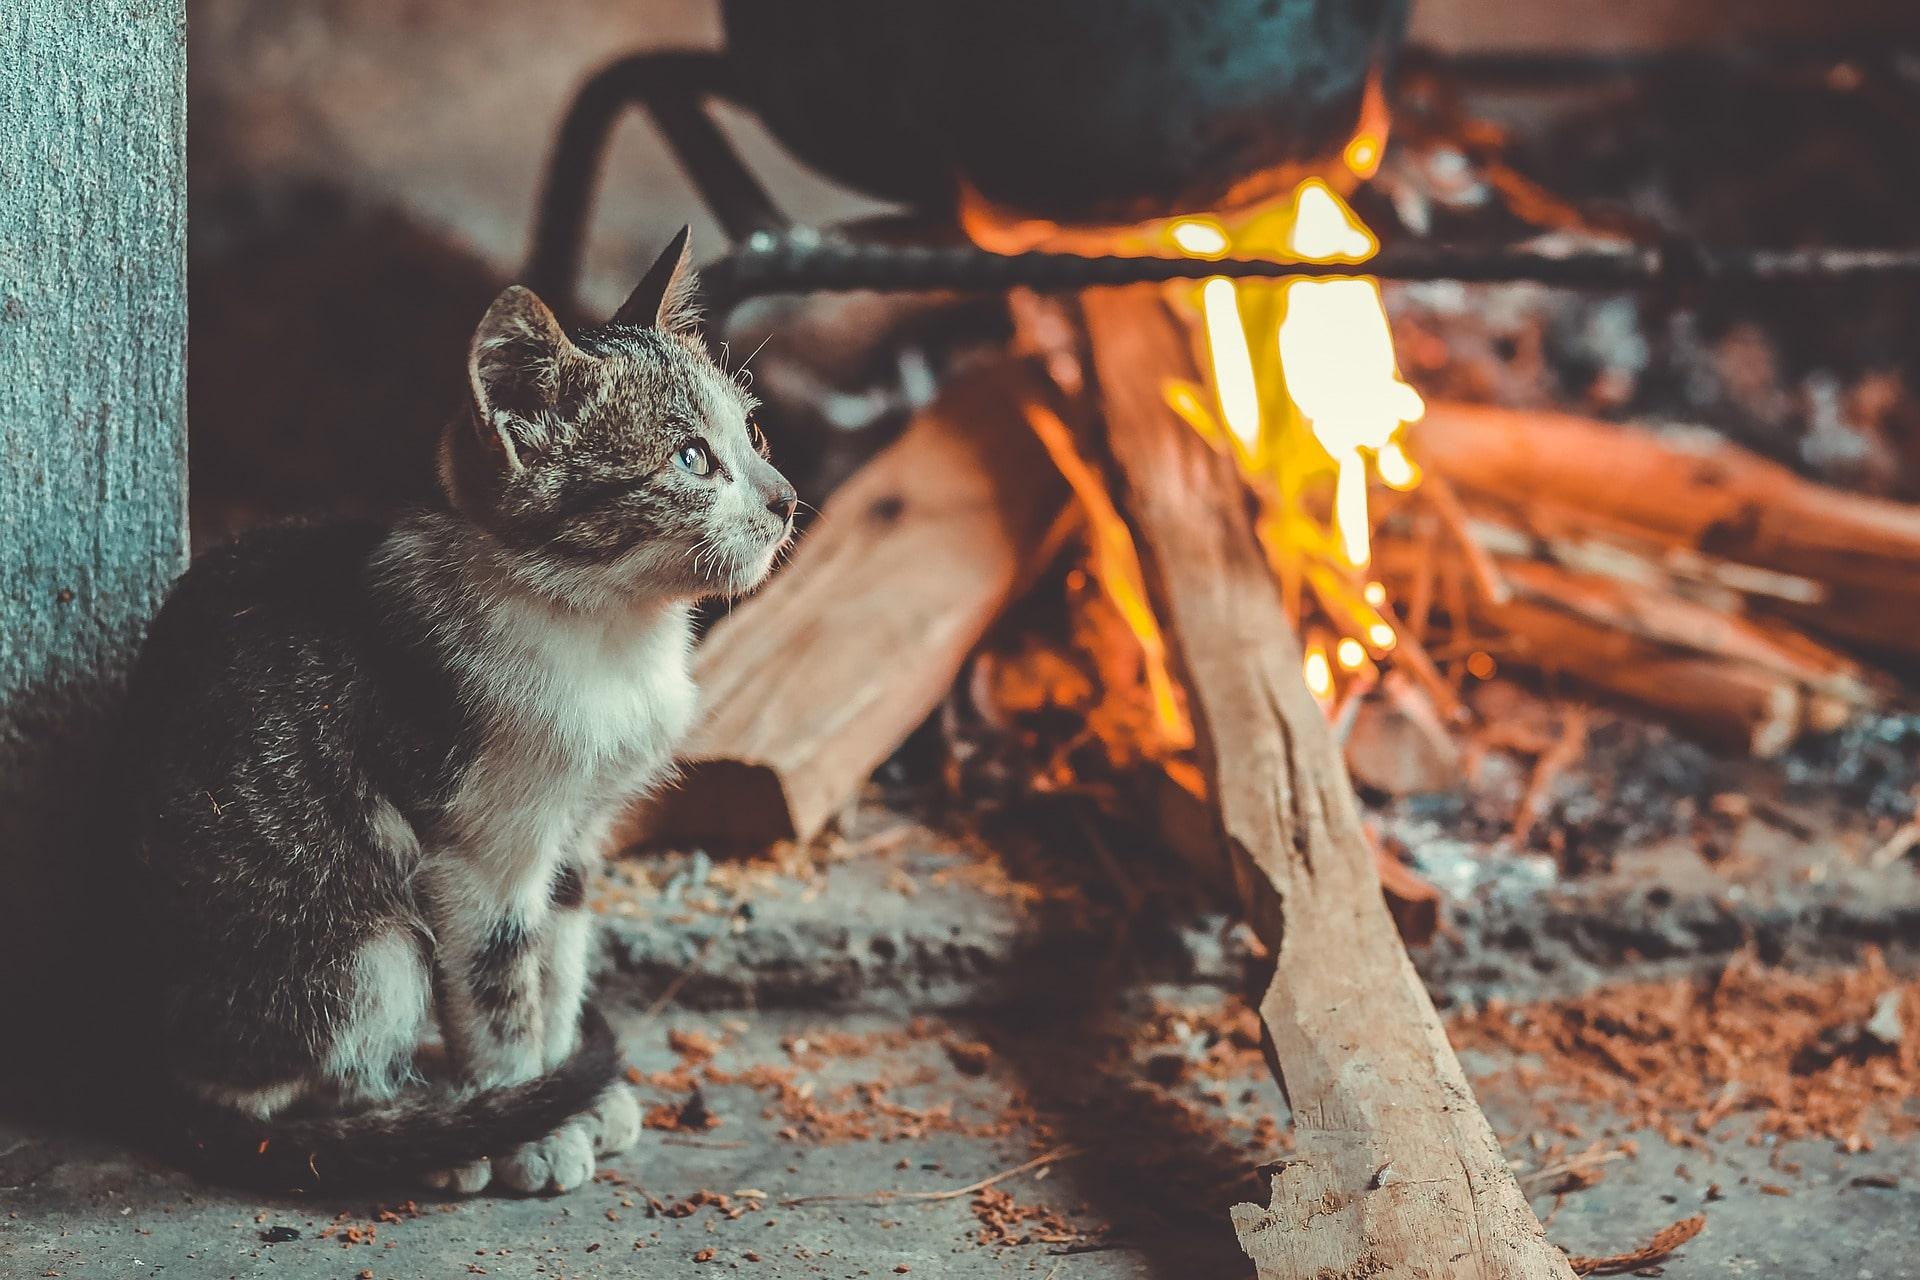 Katze Gefahr verbrennen